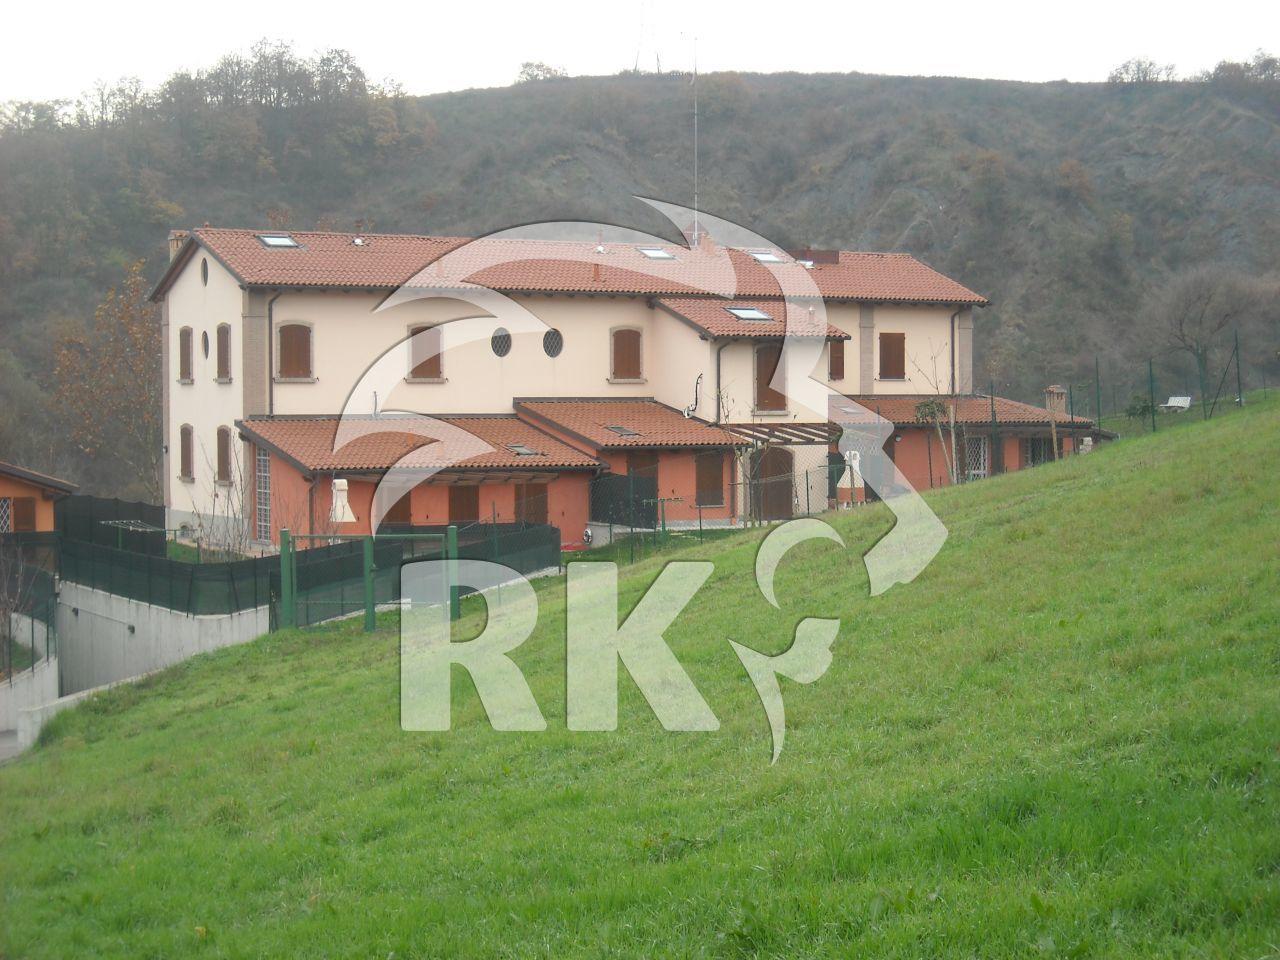 Indipendente in affitto bologna colli paderno annunci - Case con giardino in affitto ...